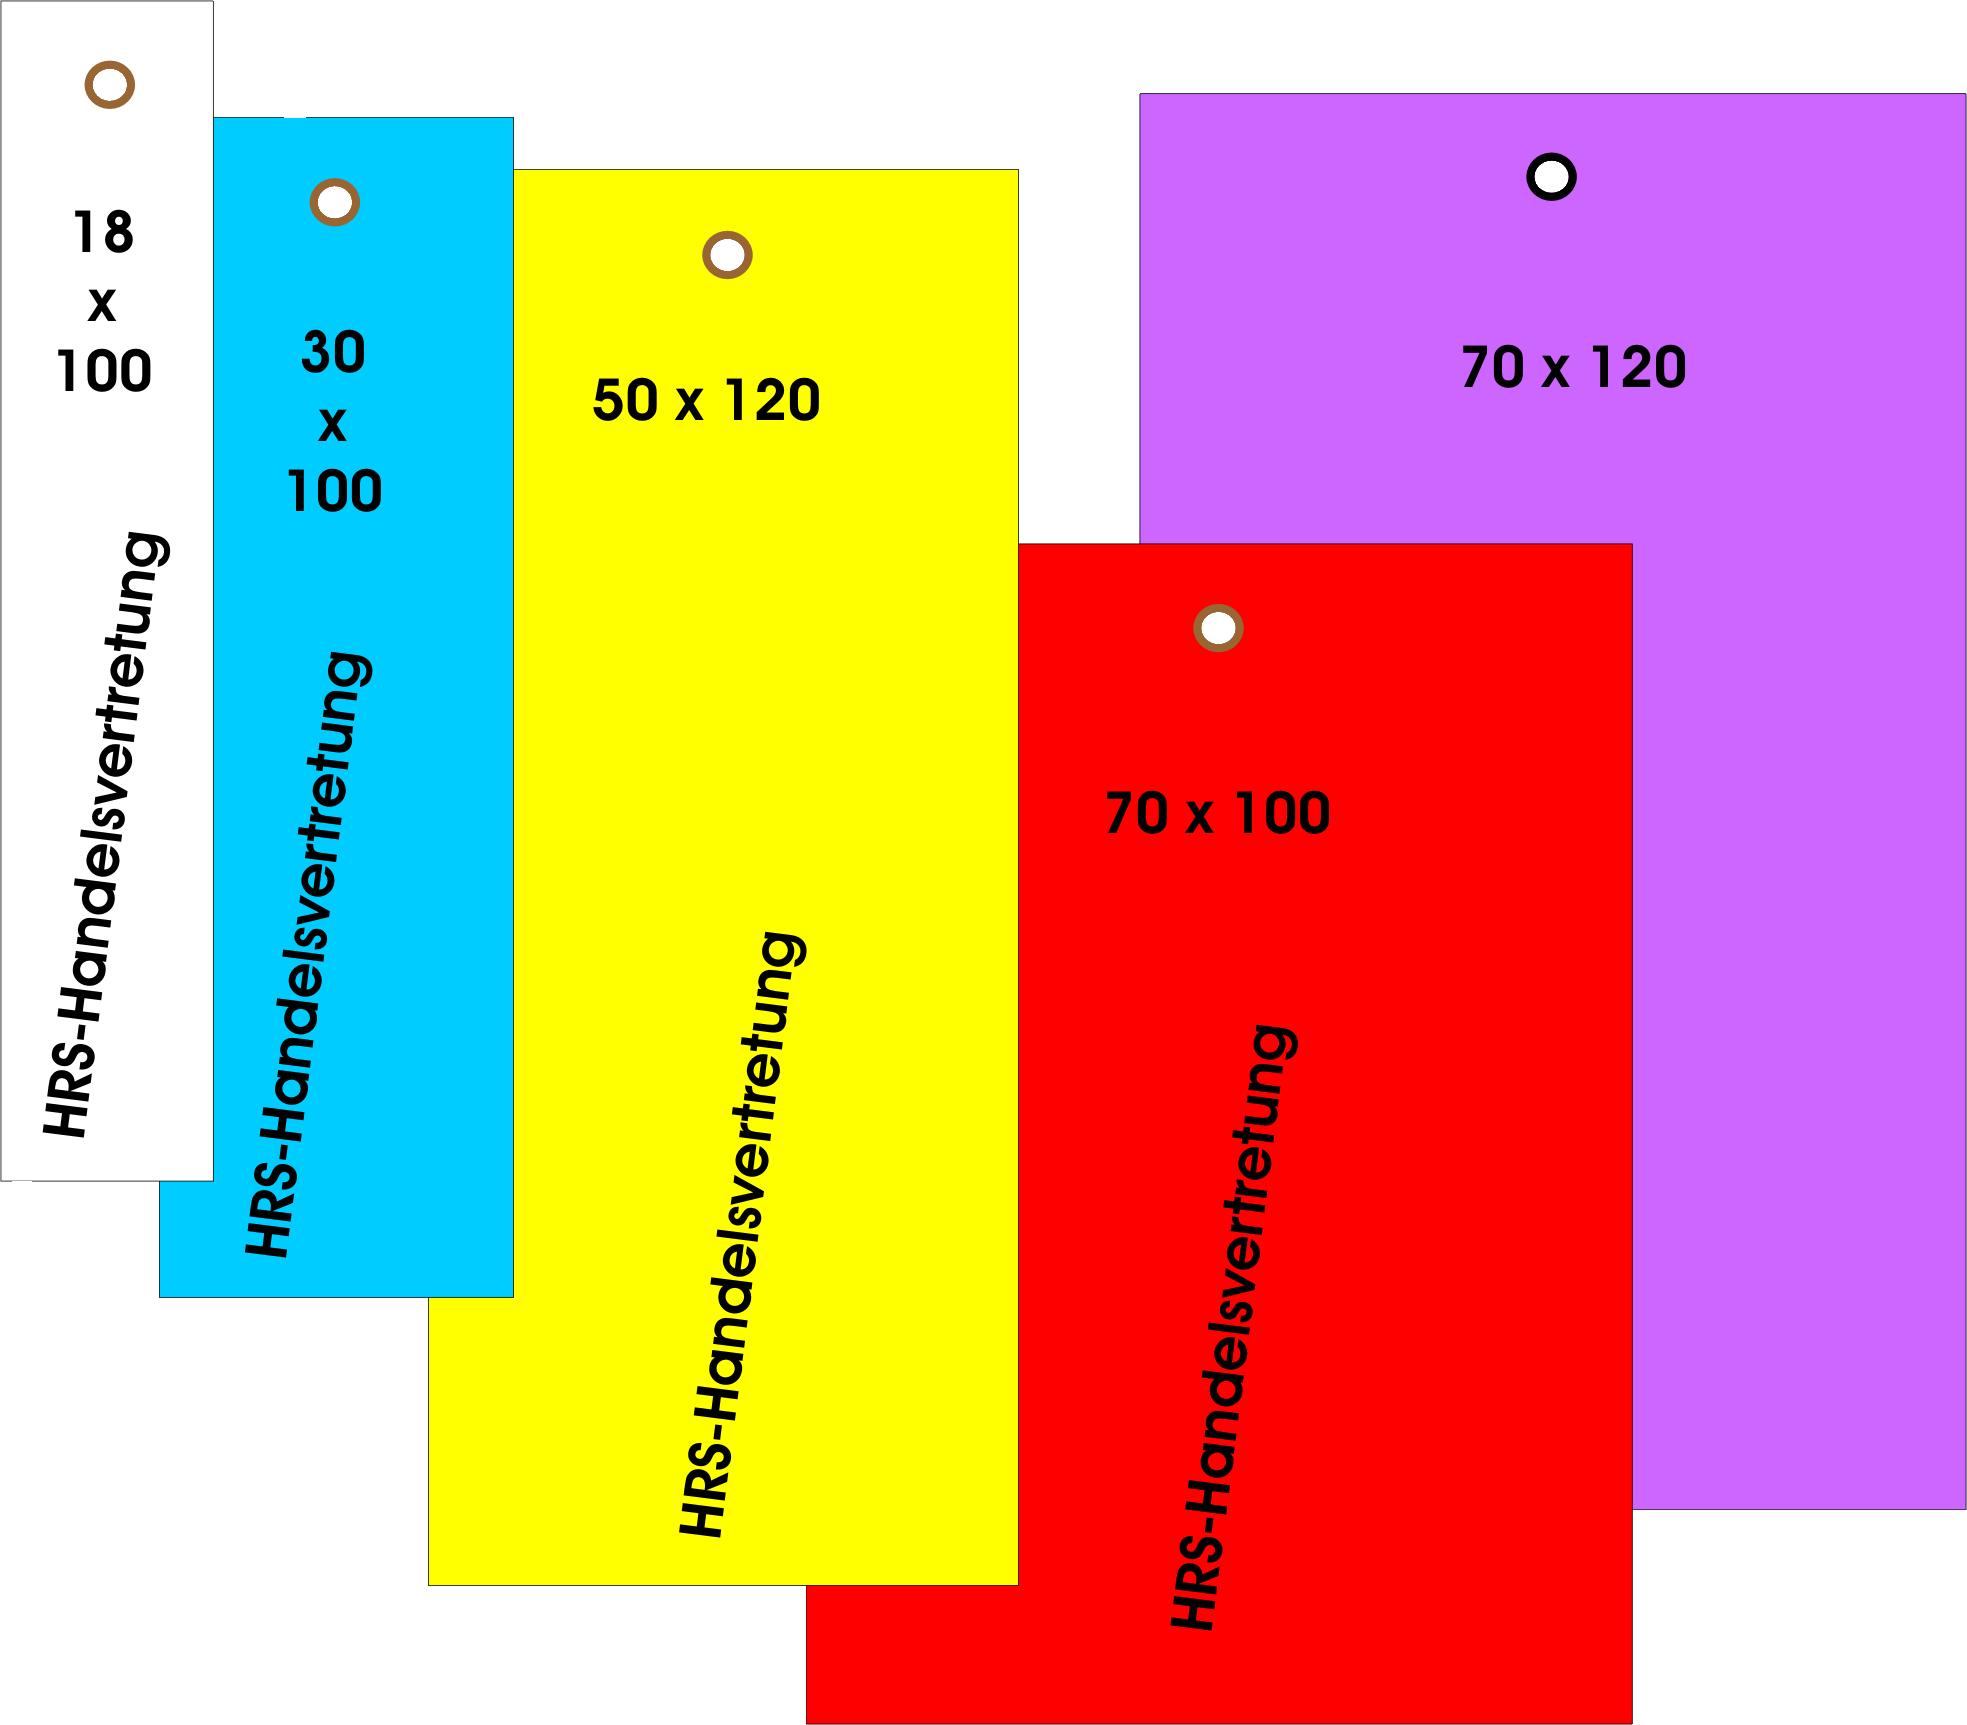 250 Stück Drahtanhänger 30 x 100 mm mit Kupferdraht Messingöse Etiketten